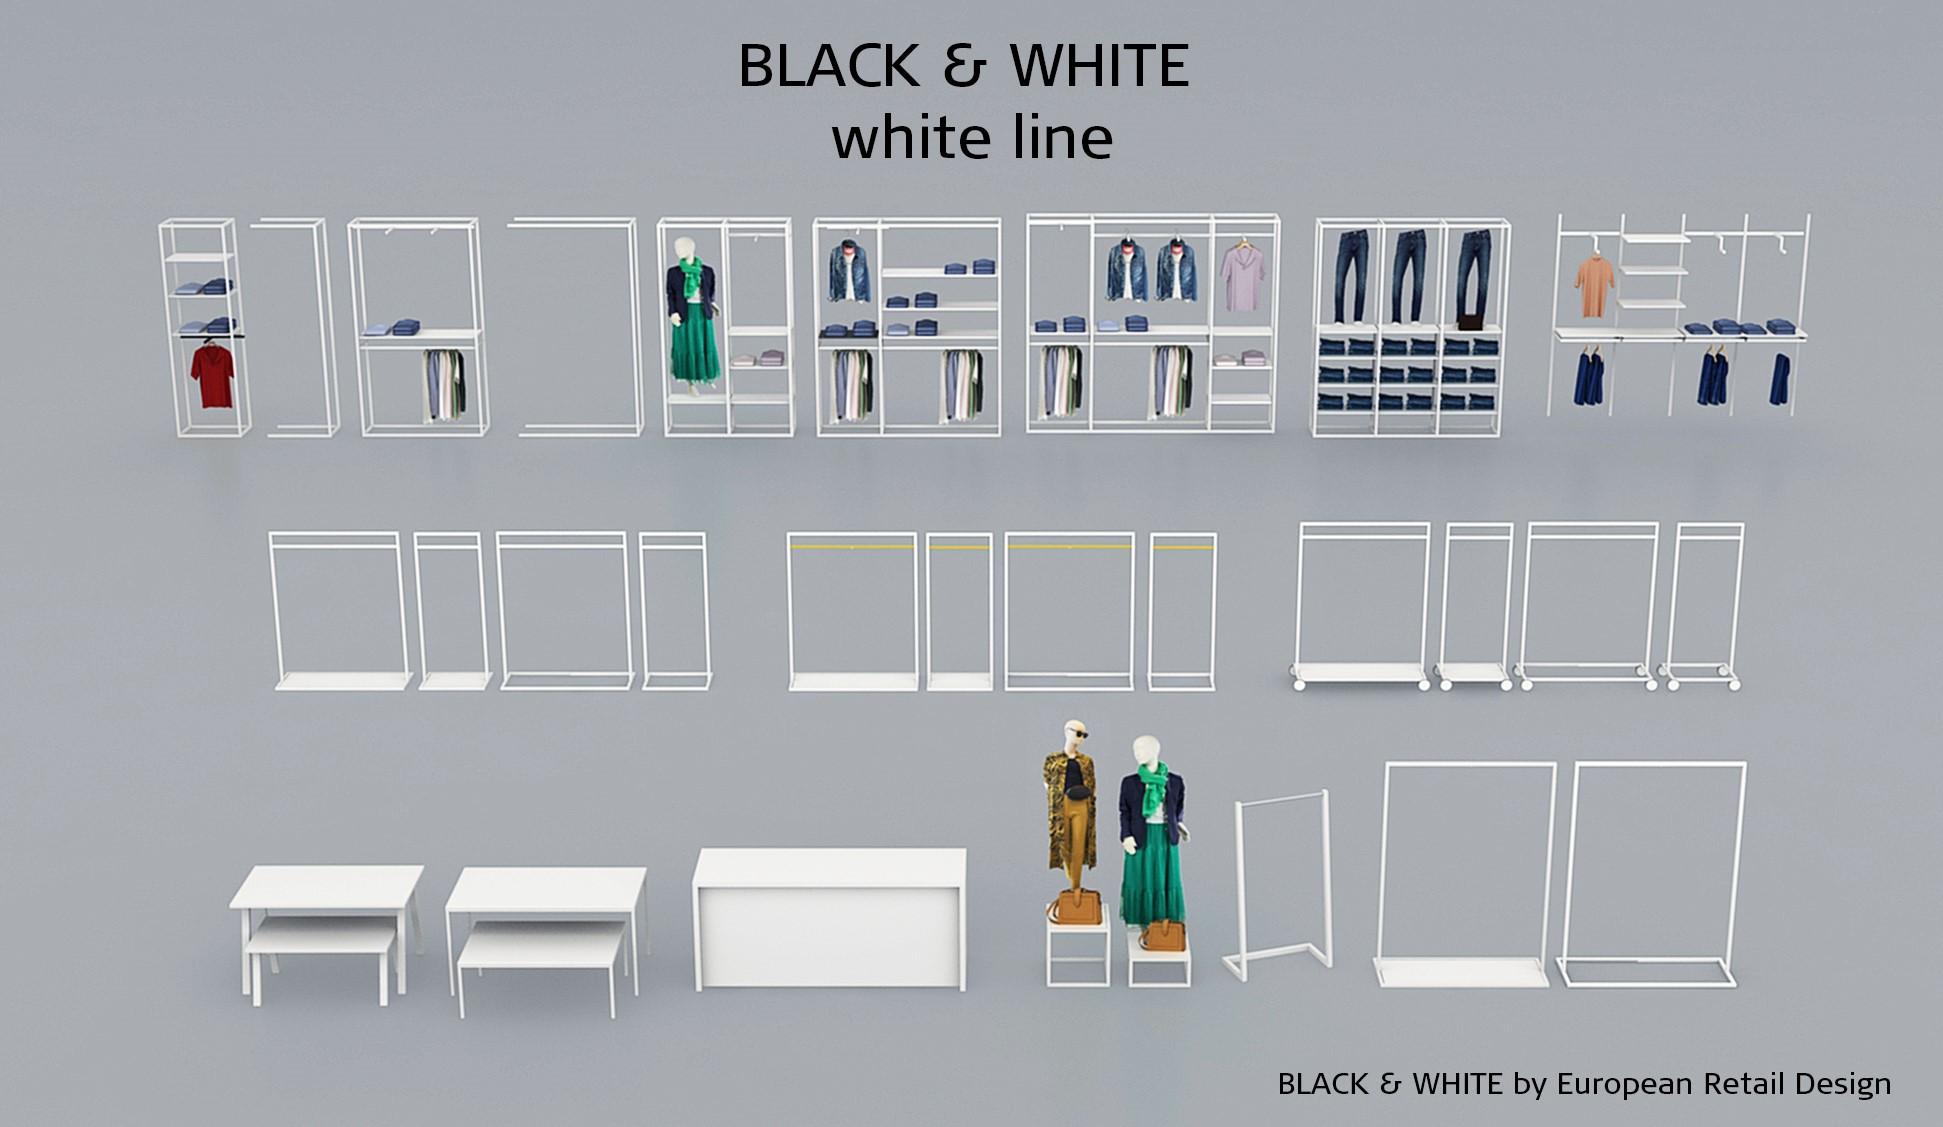 Inventar til butik i hvid. Hvidt butiksinventar. Butiksindretning i hvid.